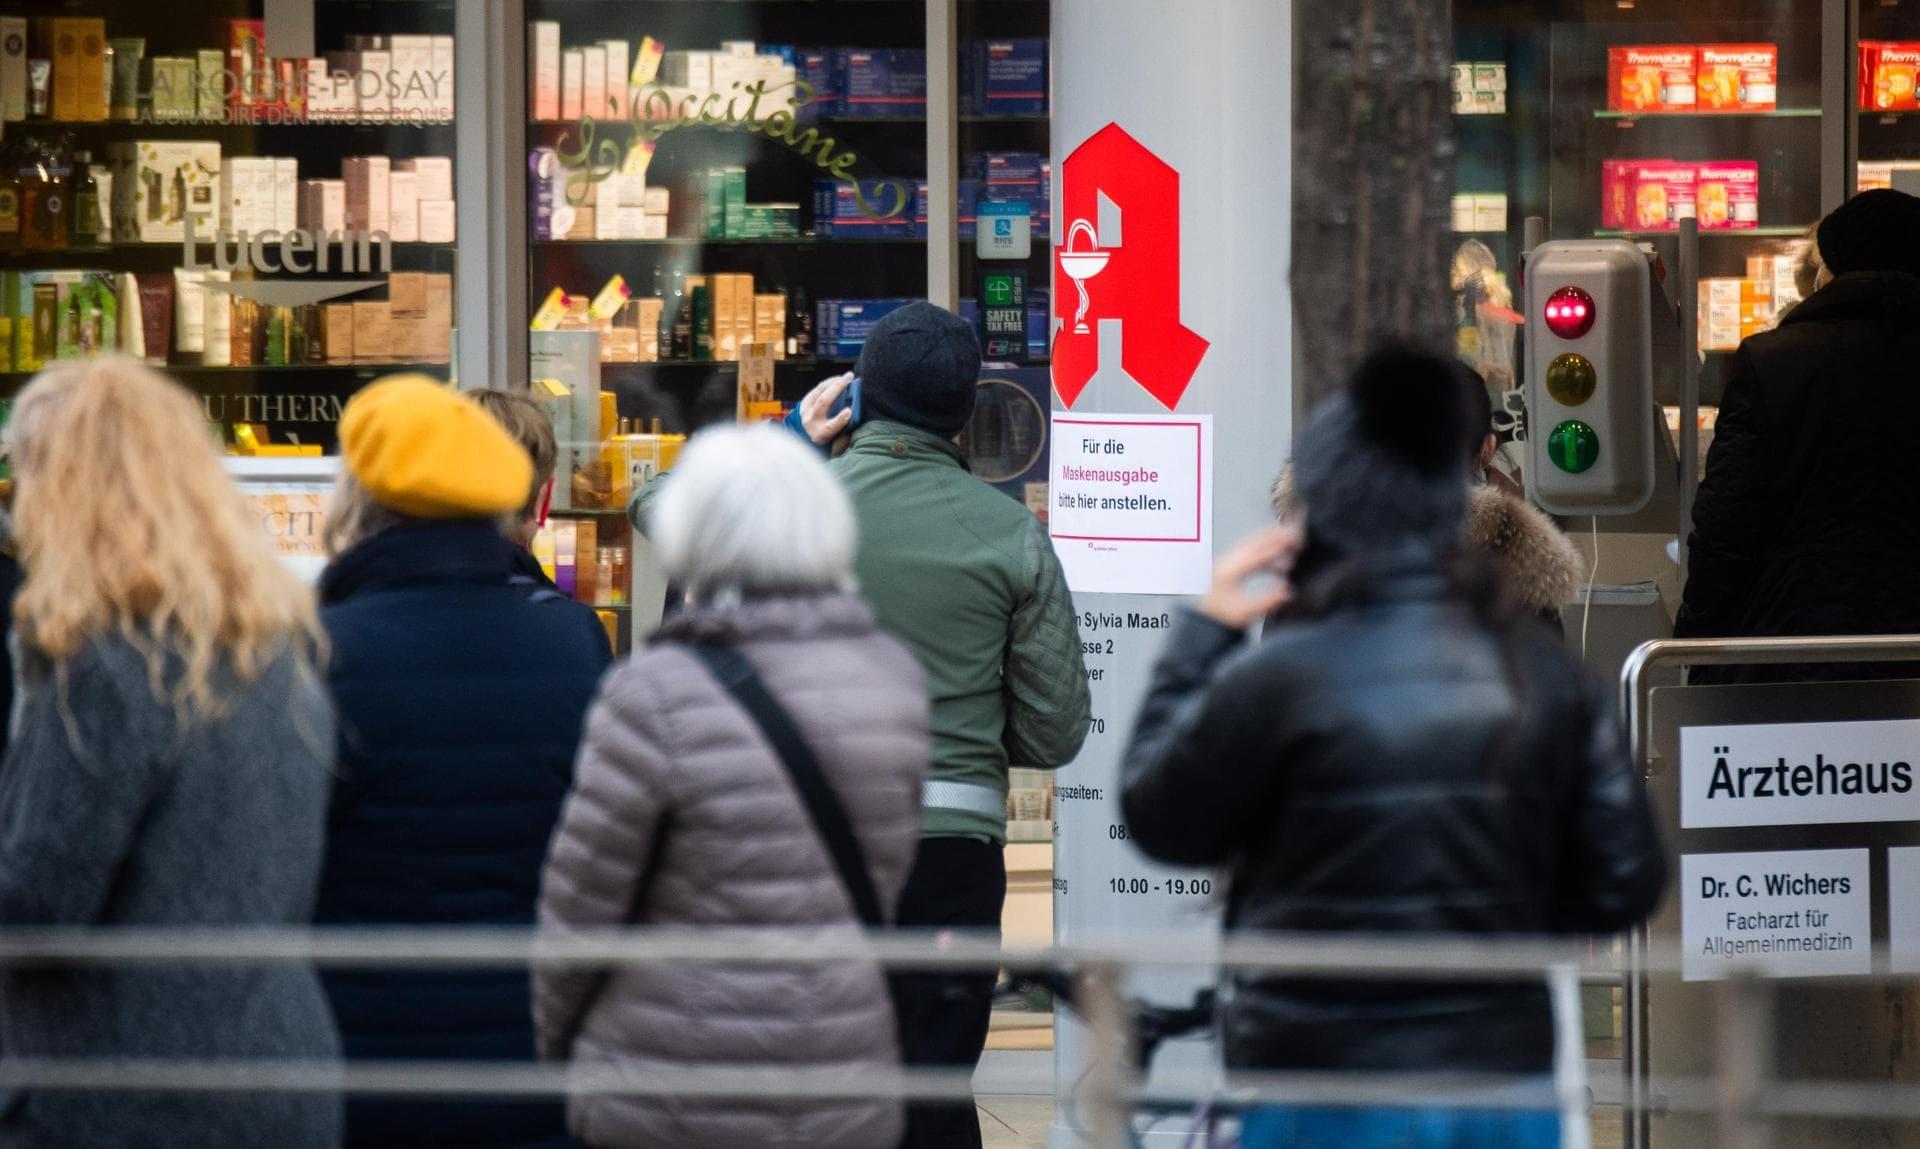 Apotheken stellen jetzt digitale Impfnachweise aus Pandemie